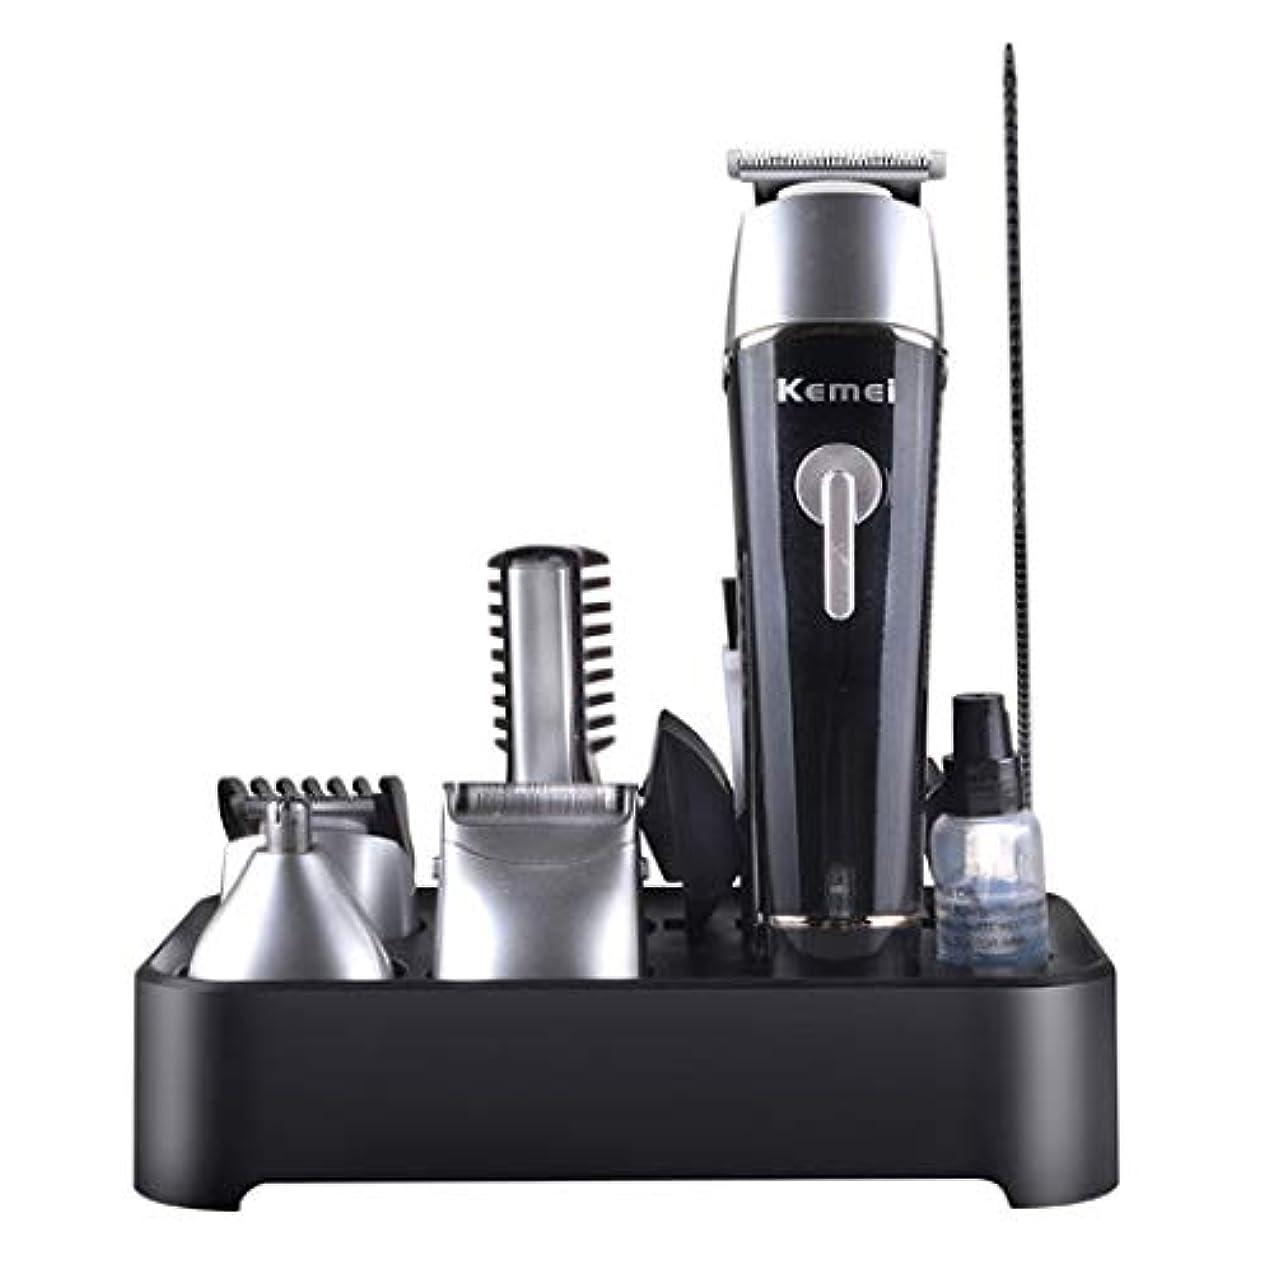 トピック作業ブルジョンQINJLI 電気髪クリッパー鼻ナイフ剃刀シェーバー多 function スーツ体を洗う基本 16 * 3.5 cm を充電